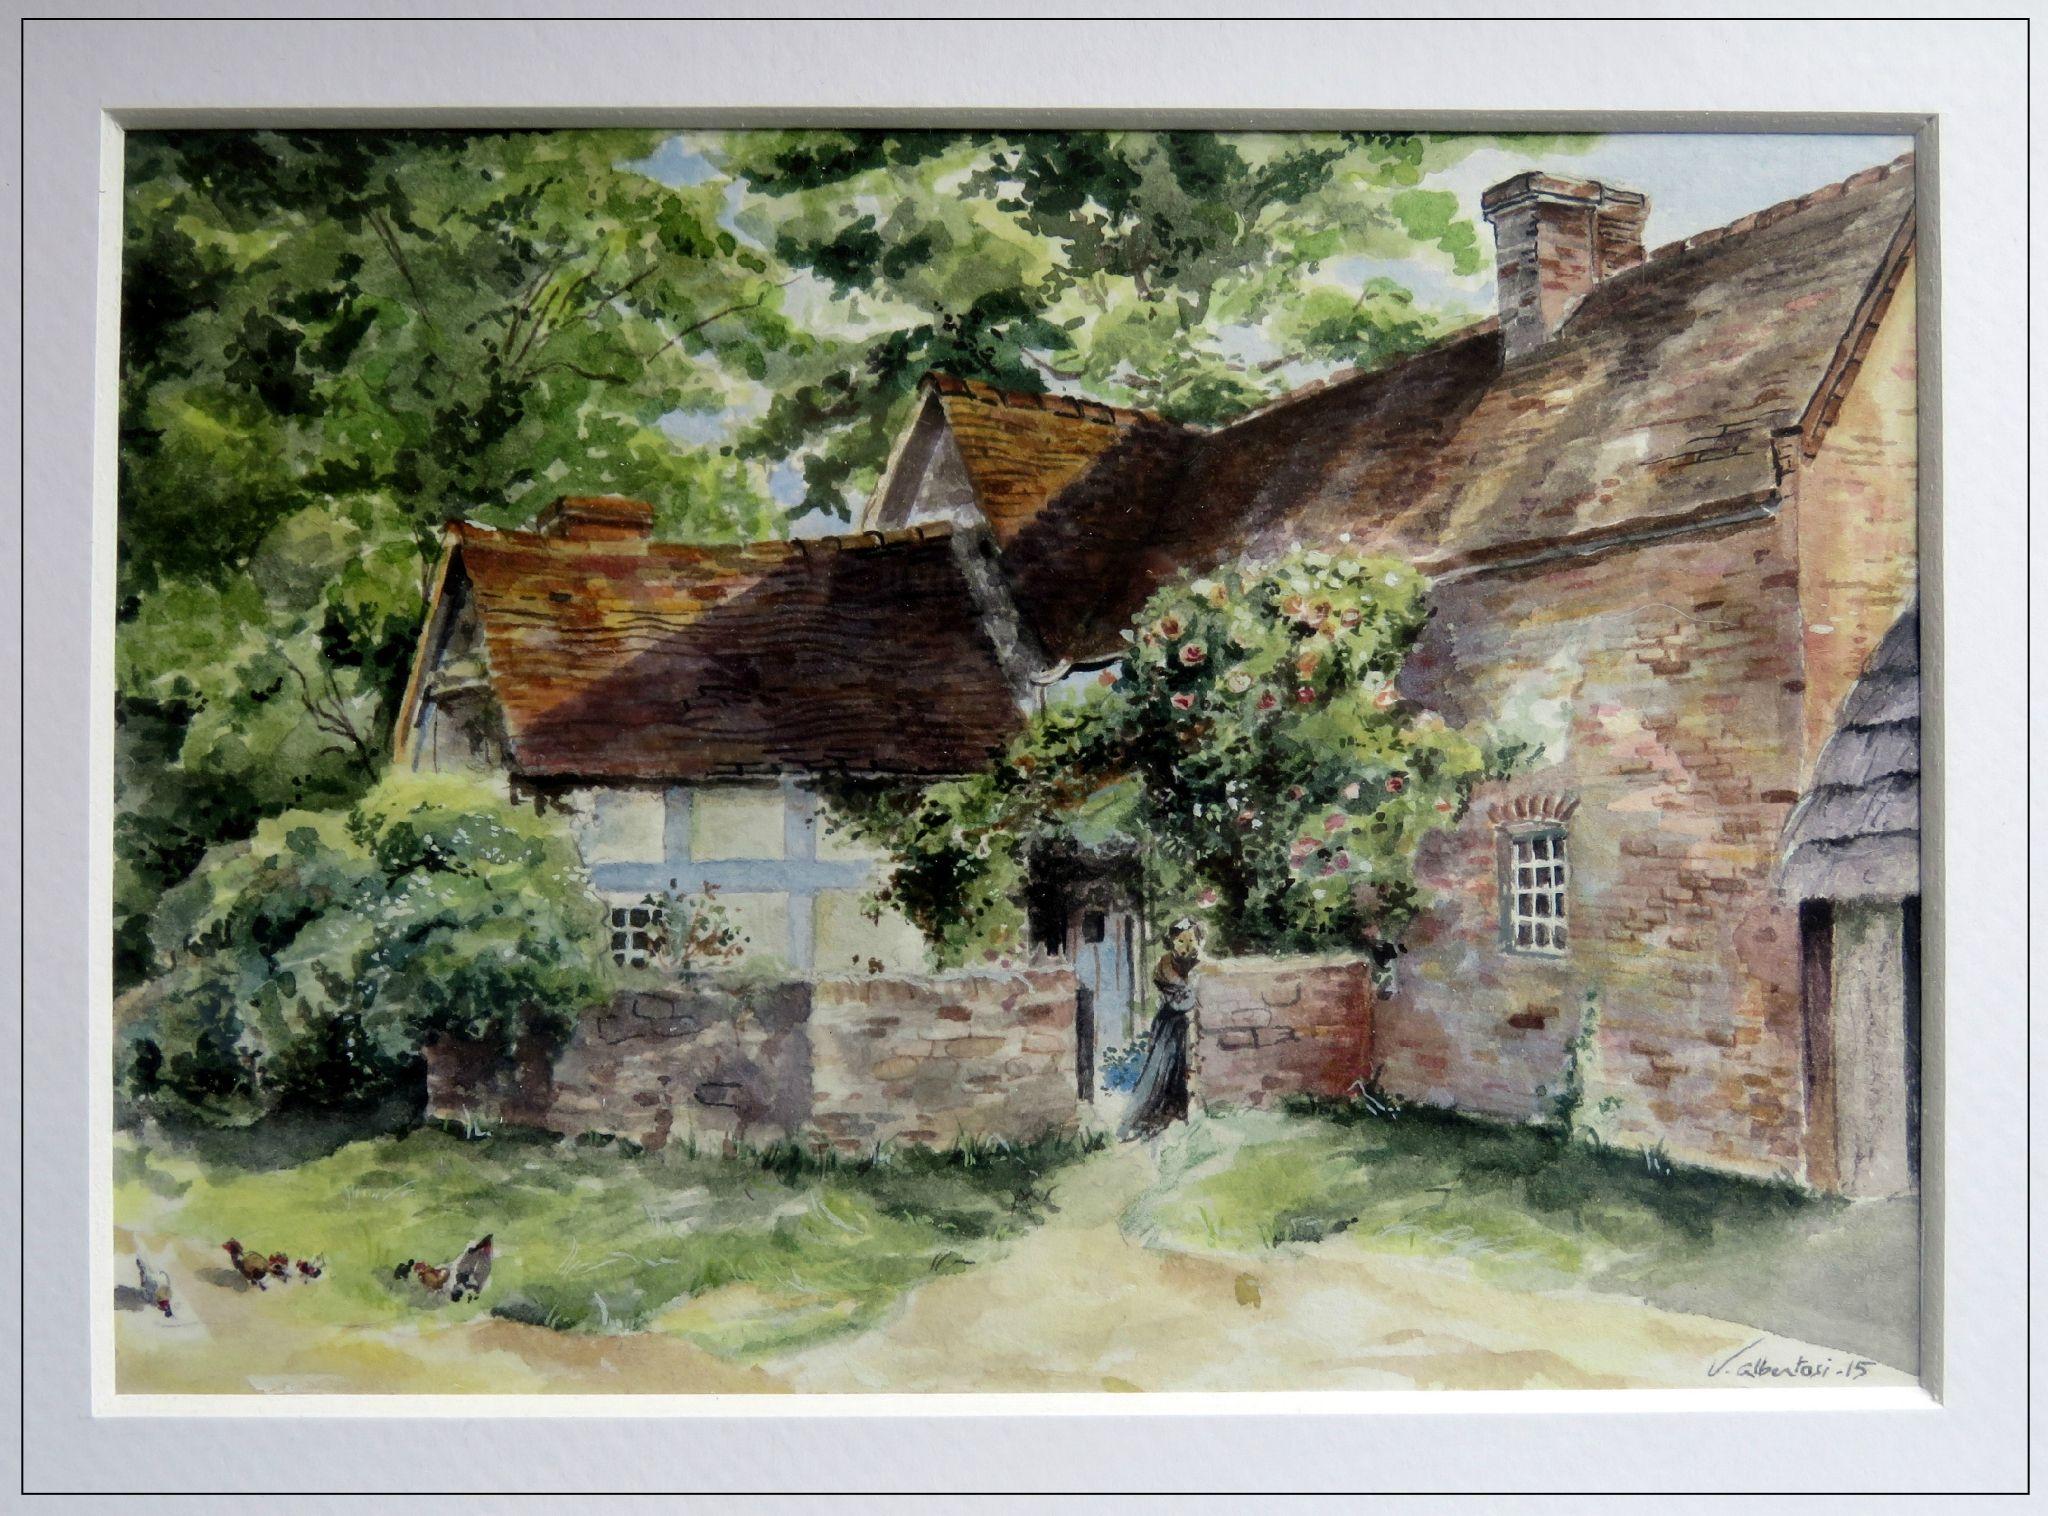 Aquarelle ferme anglaise 19 me siecle tableaux for Artiste peintre anglais